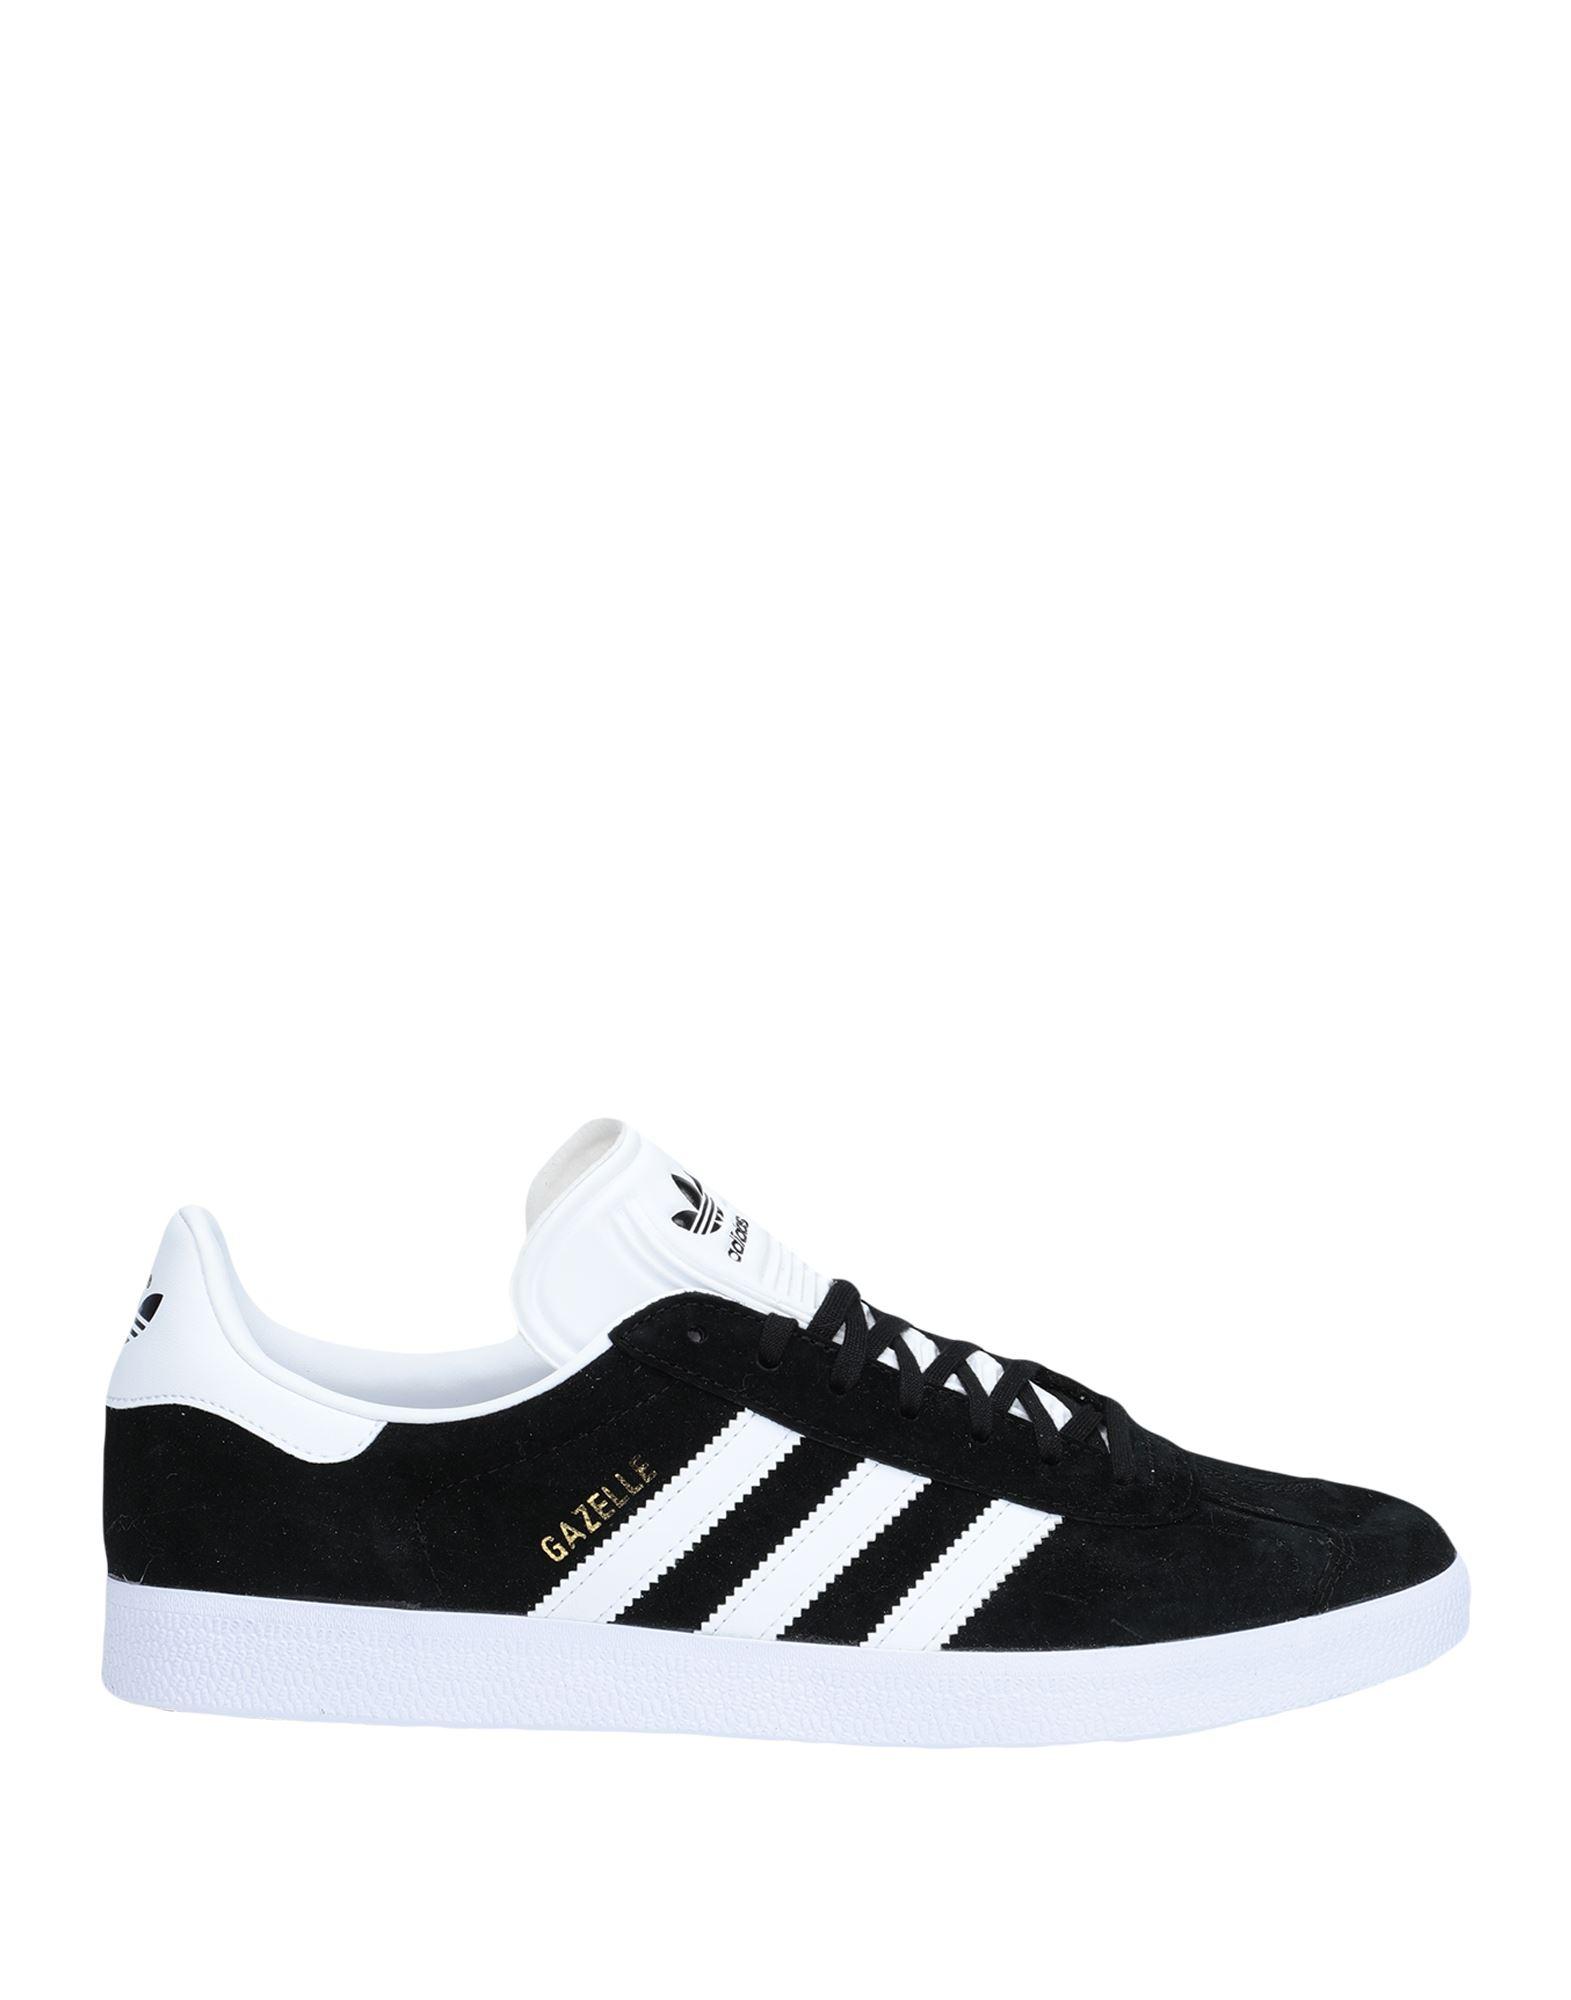 ADIDAS ORIGINALS Низкие кеды и кроссовки кроссовки adidas adi gazelle ii g44126 g13259